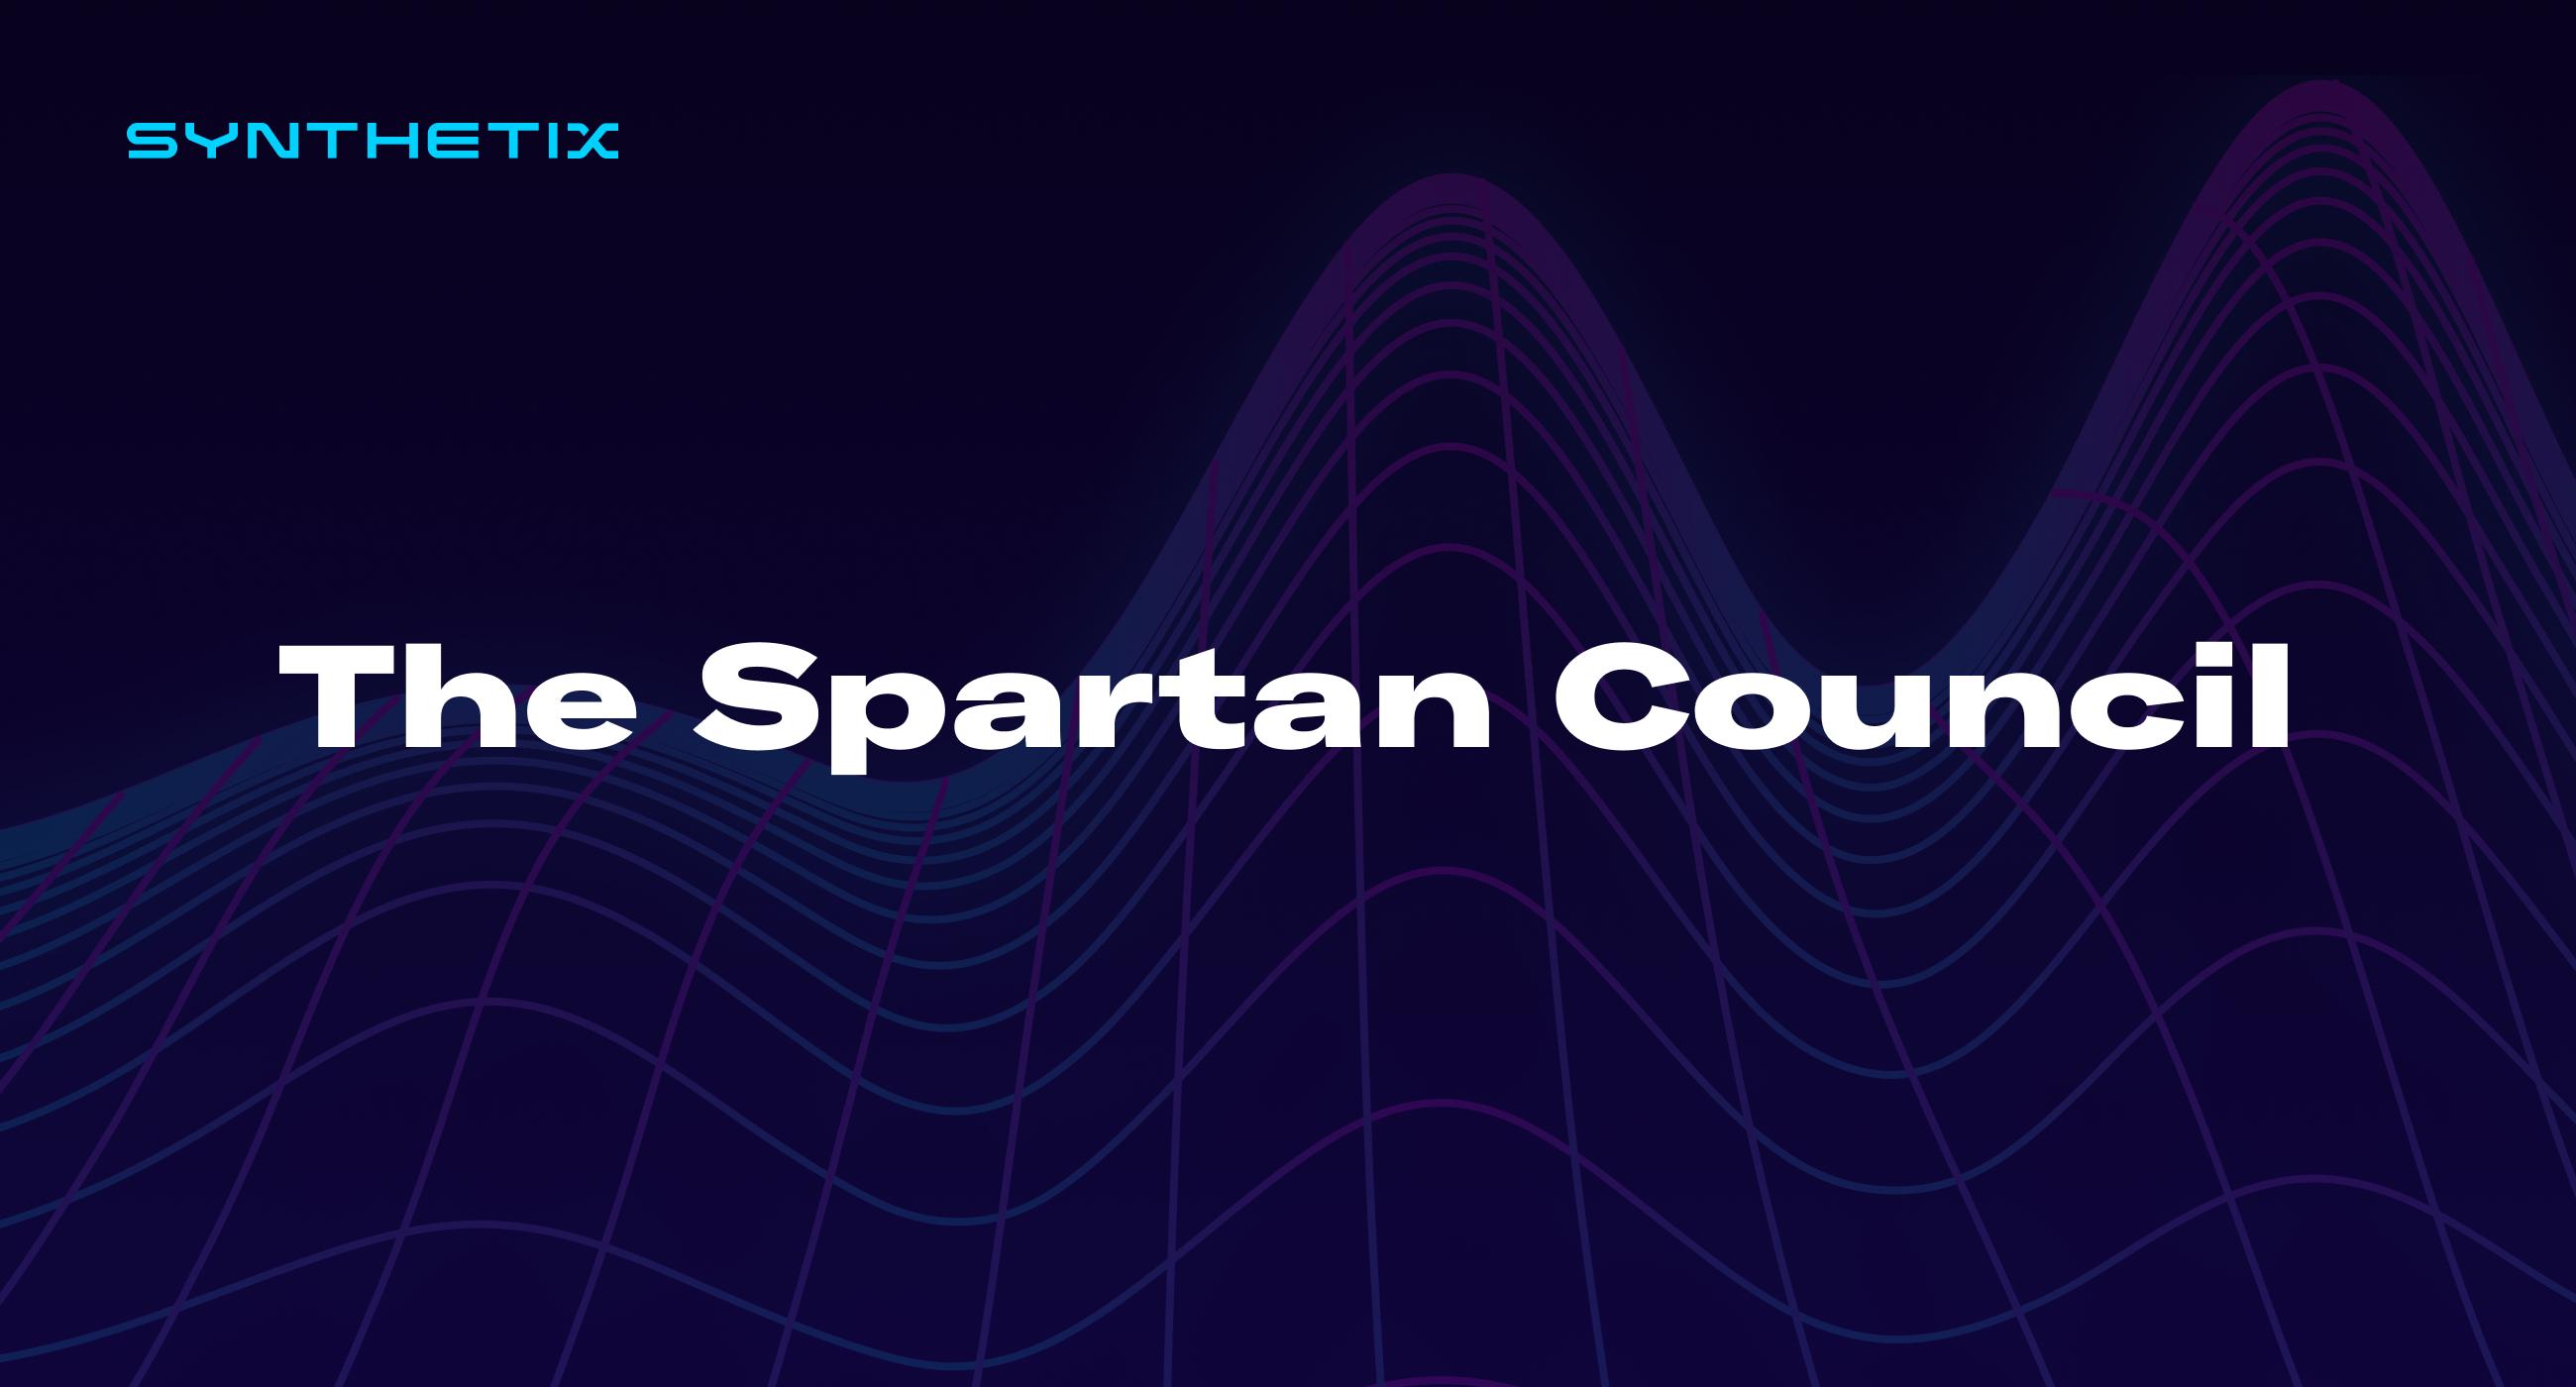 The Spartan Council